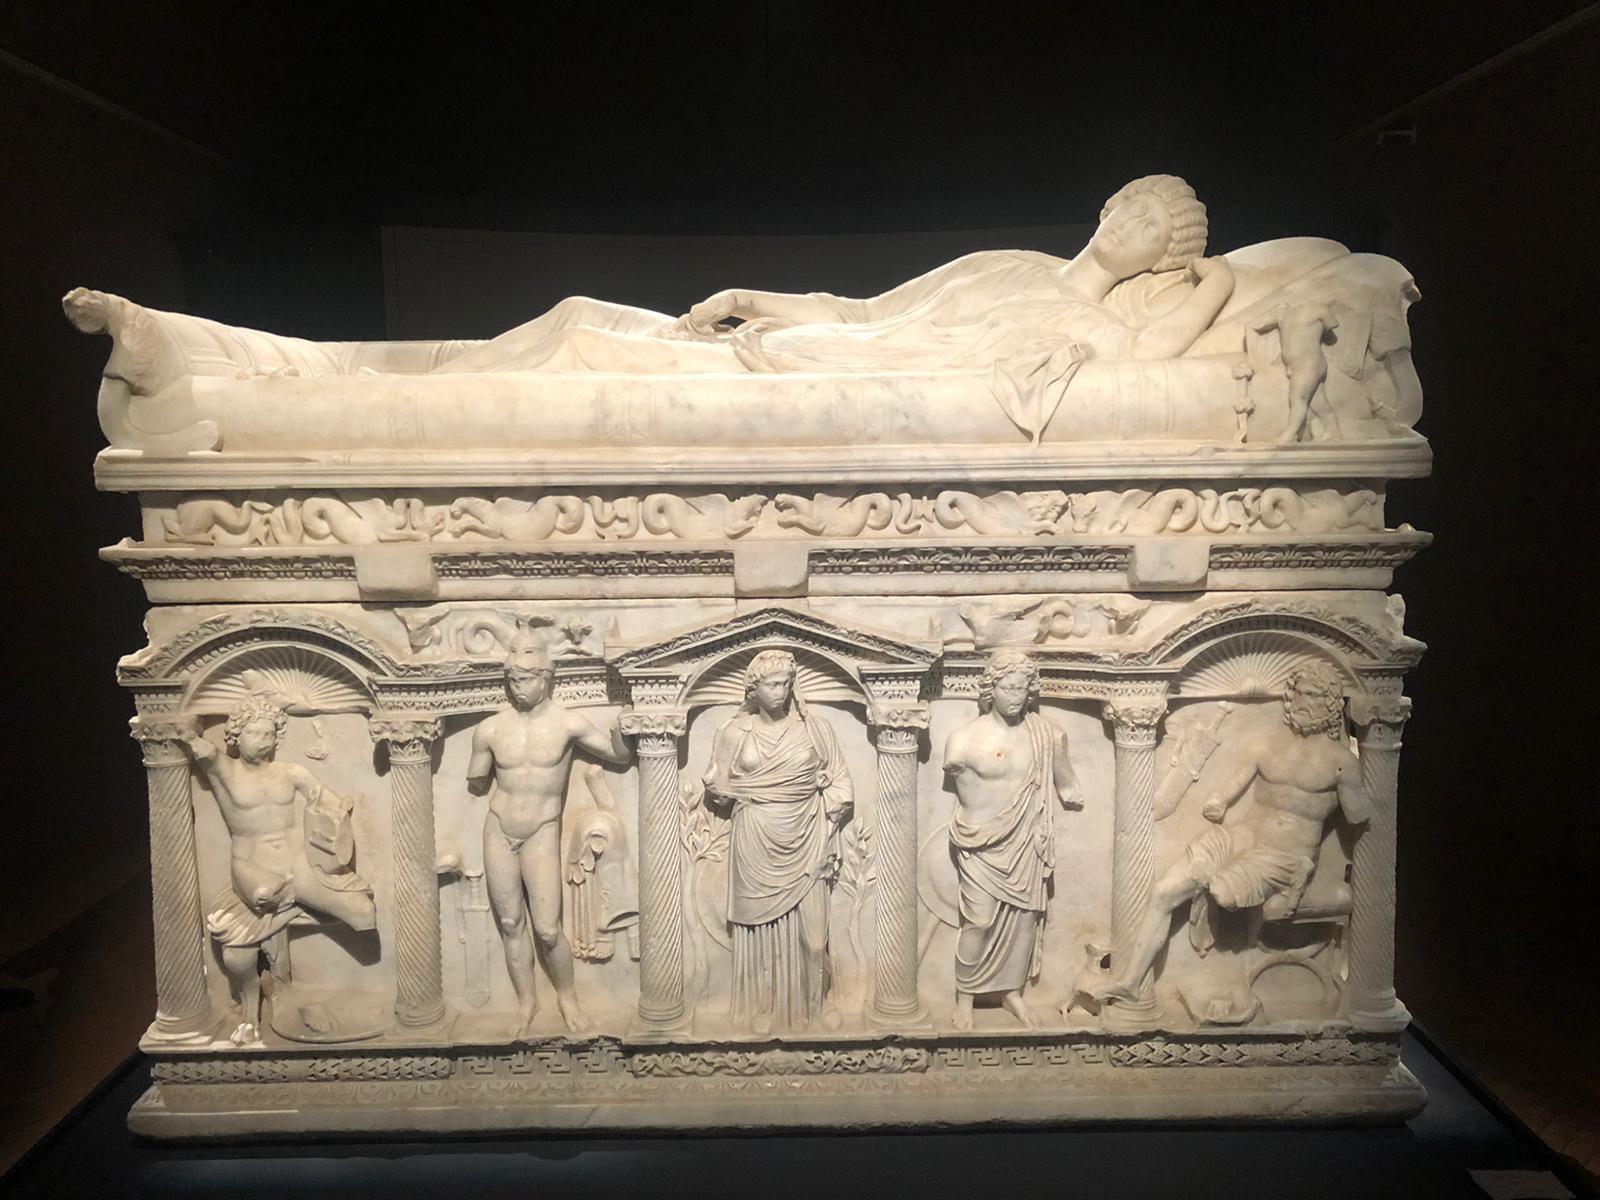 Storie da Melfi: il sarcofago di Rapolla e l'ultima Roma imperiale